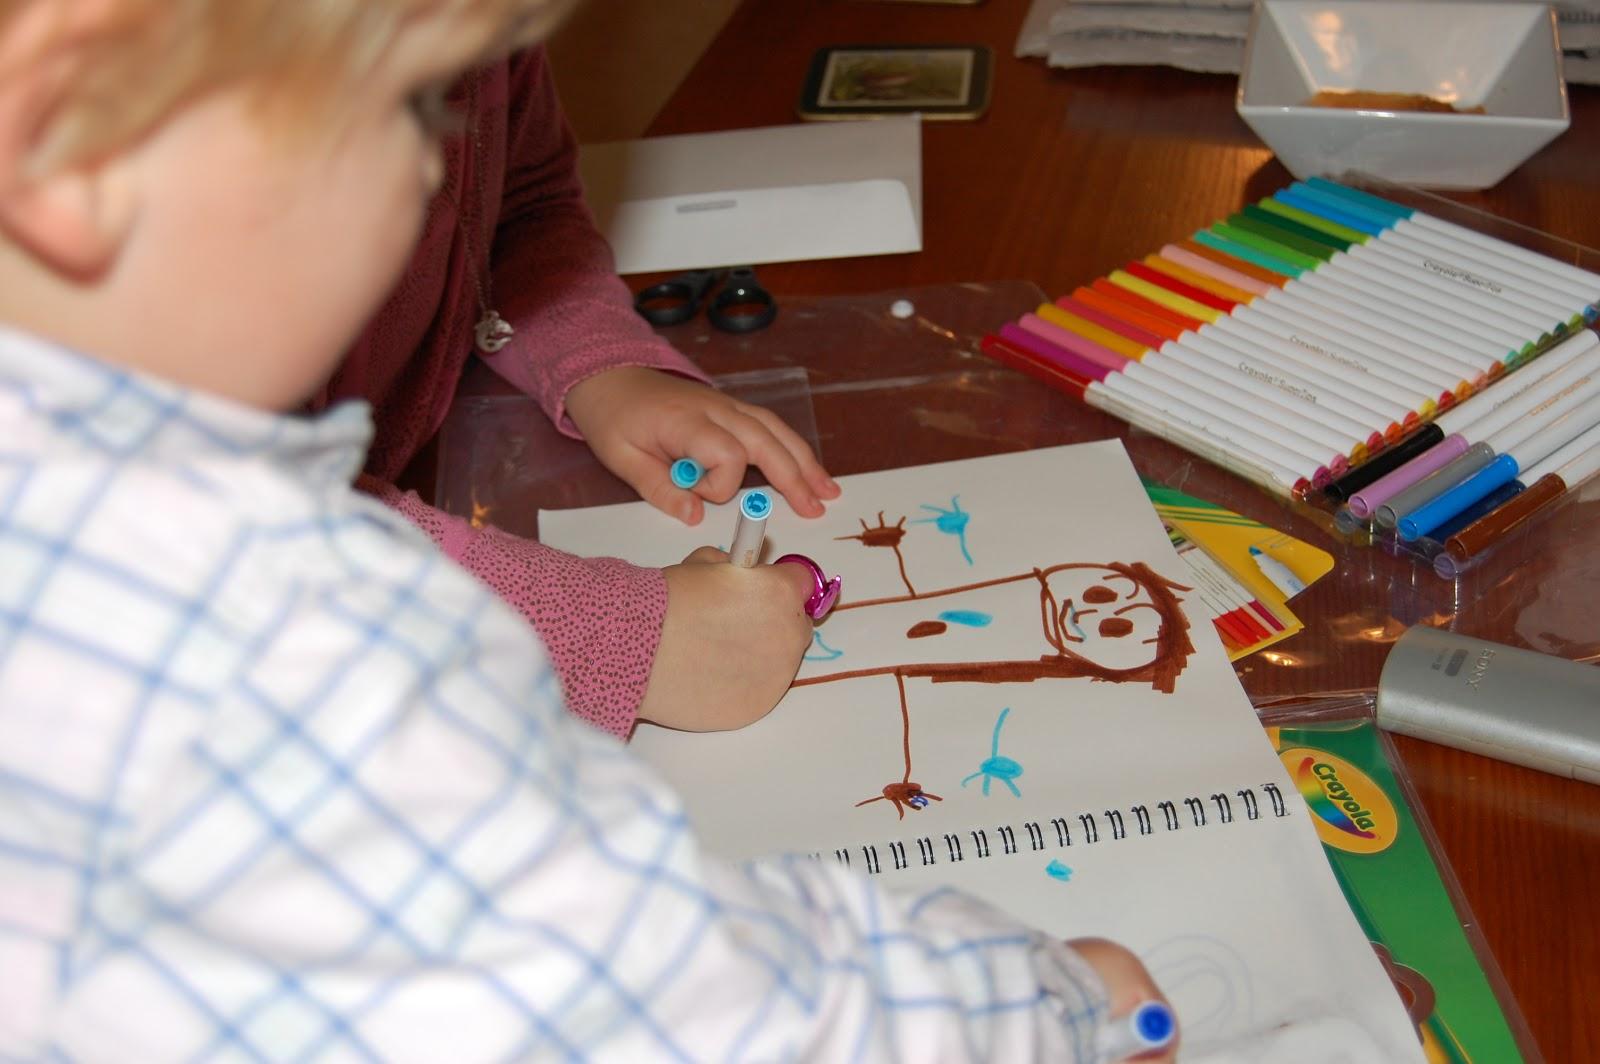 Crayola colouring frenzy